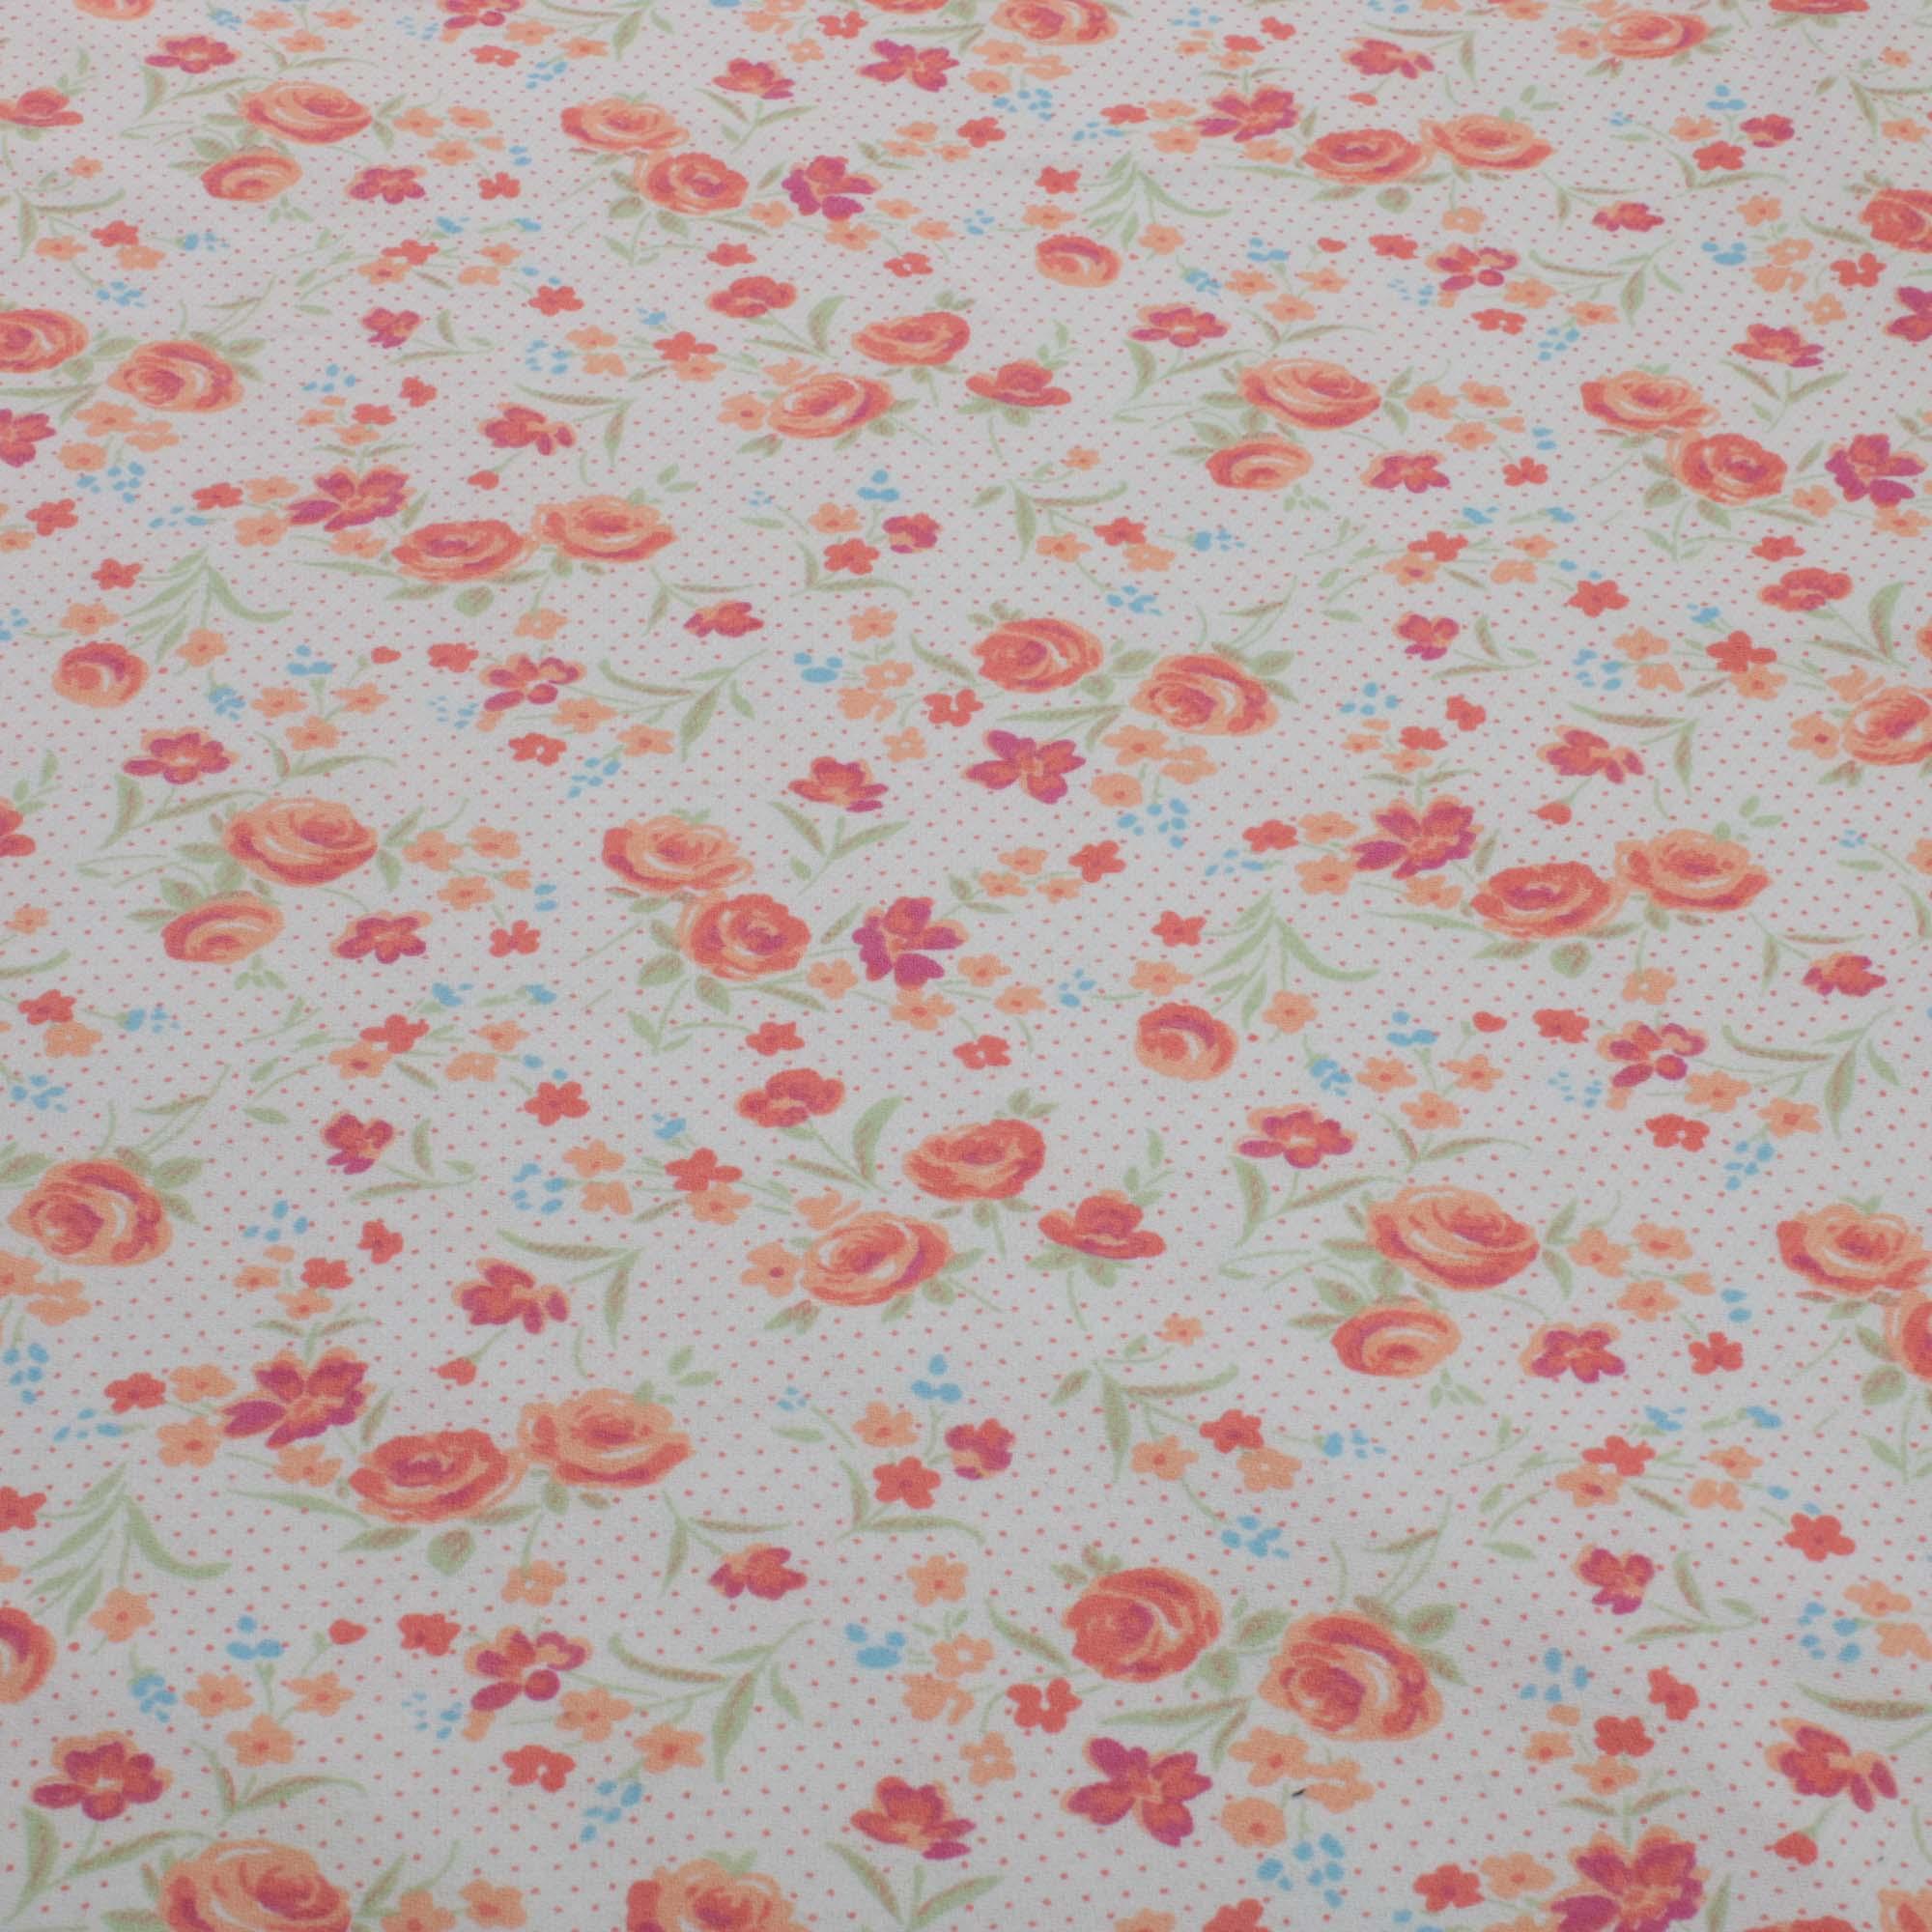 Tecido Flanela Estampada 100% Algodao 1,60 m Largura Flores